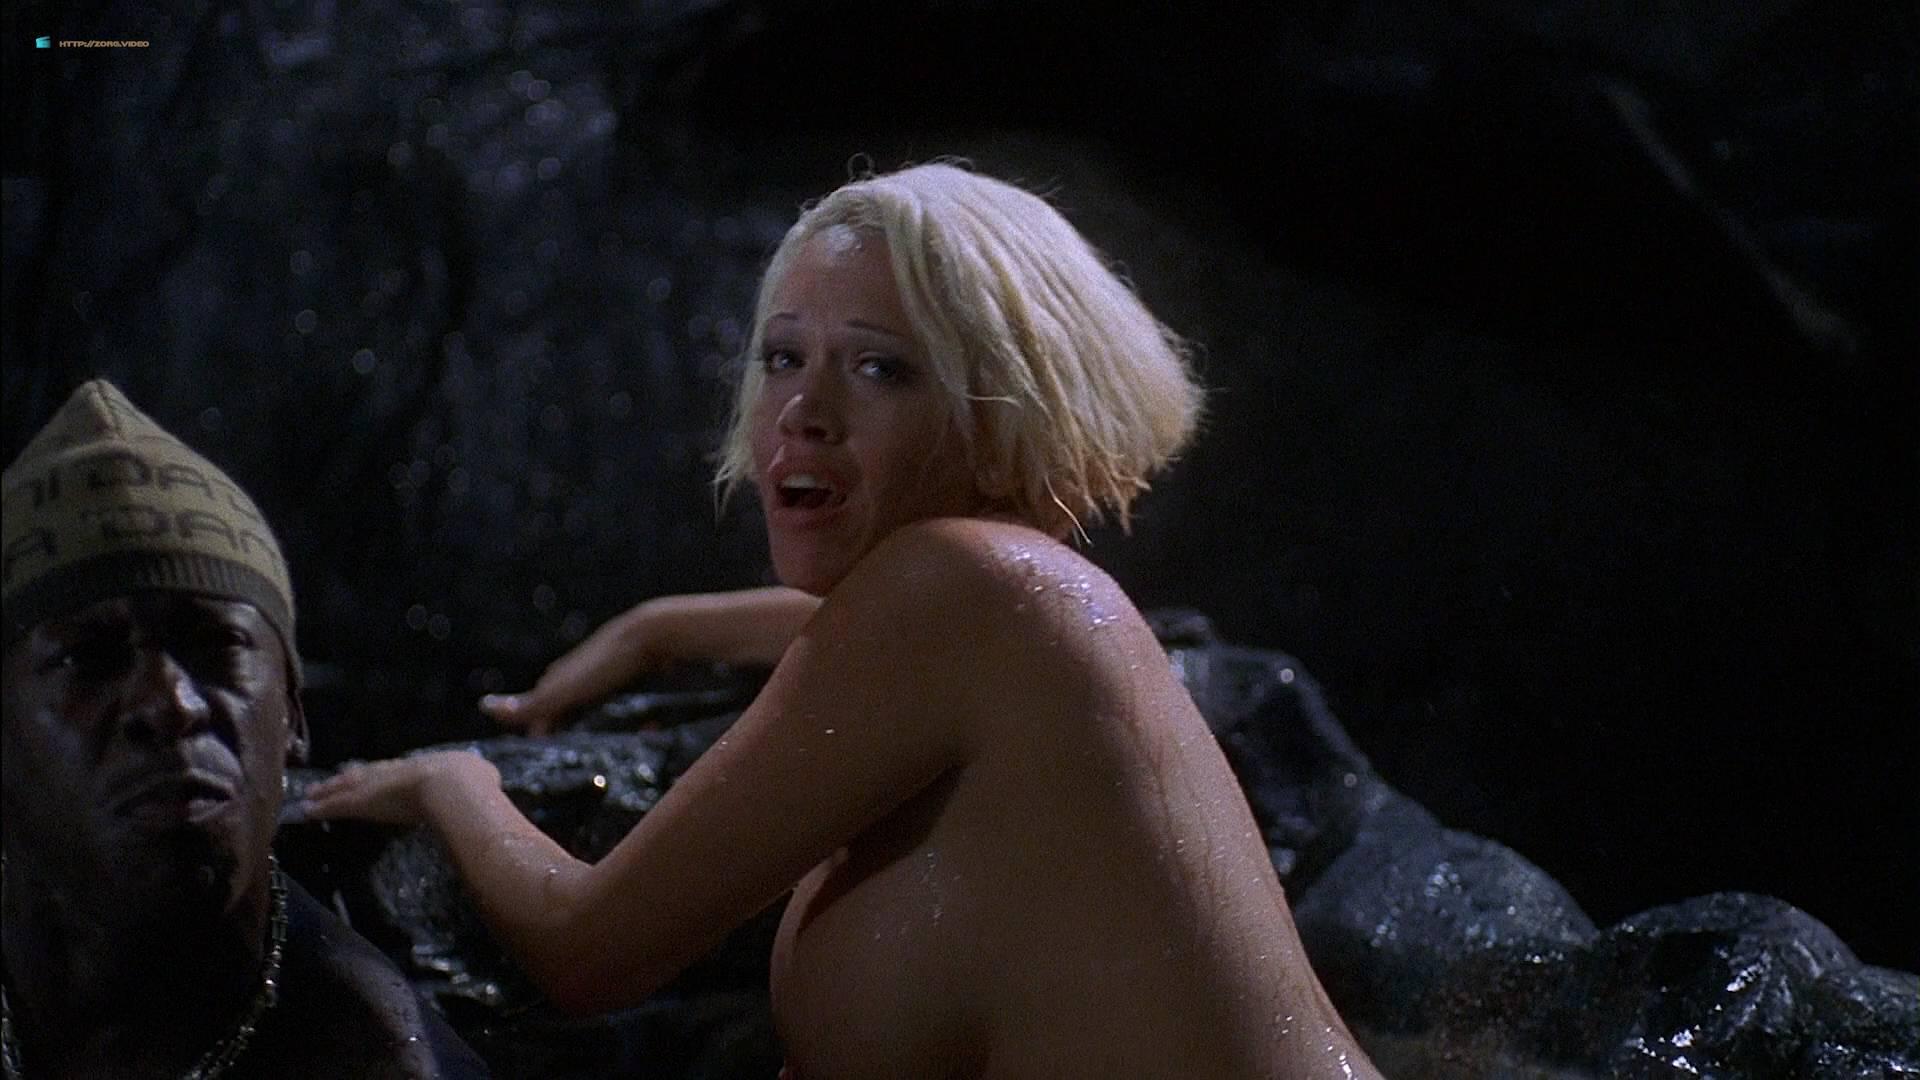 Fun hot naked tub